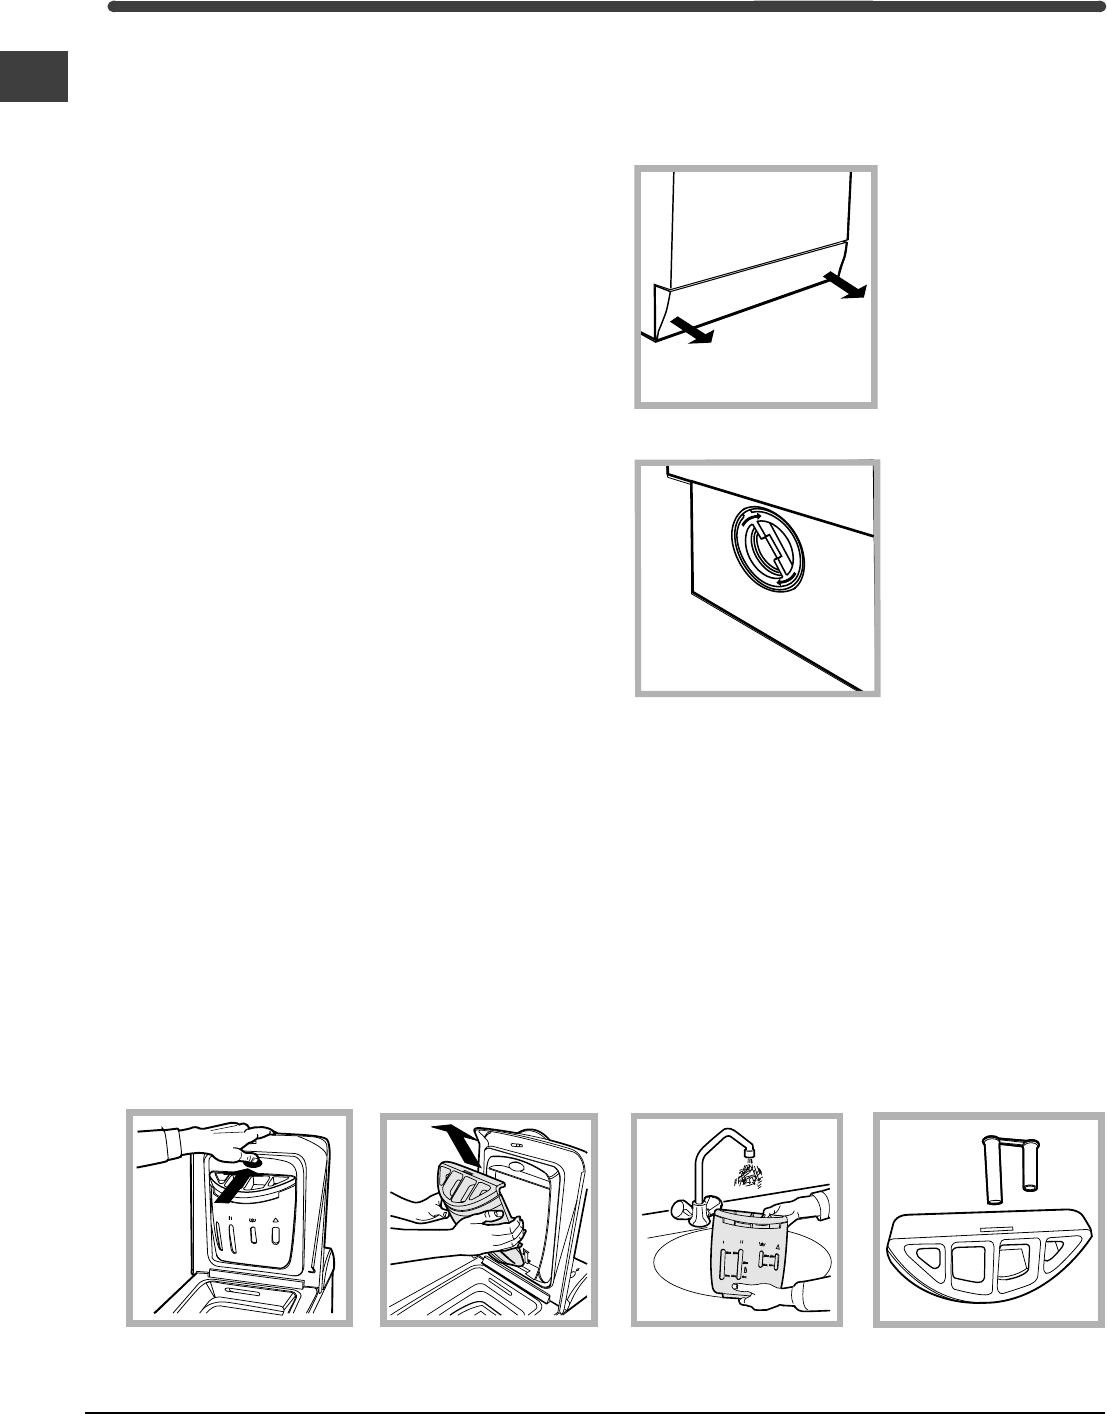 Handleiding Indesit WITL 125 EU Pagina 10 Van 72 Nederlands